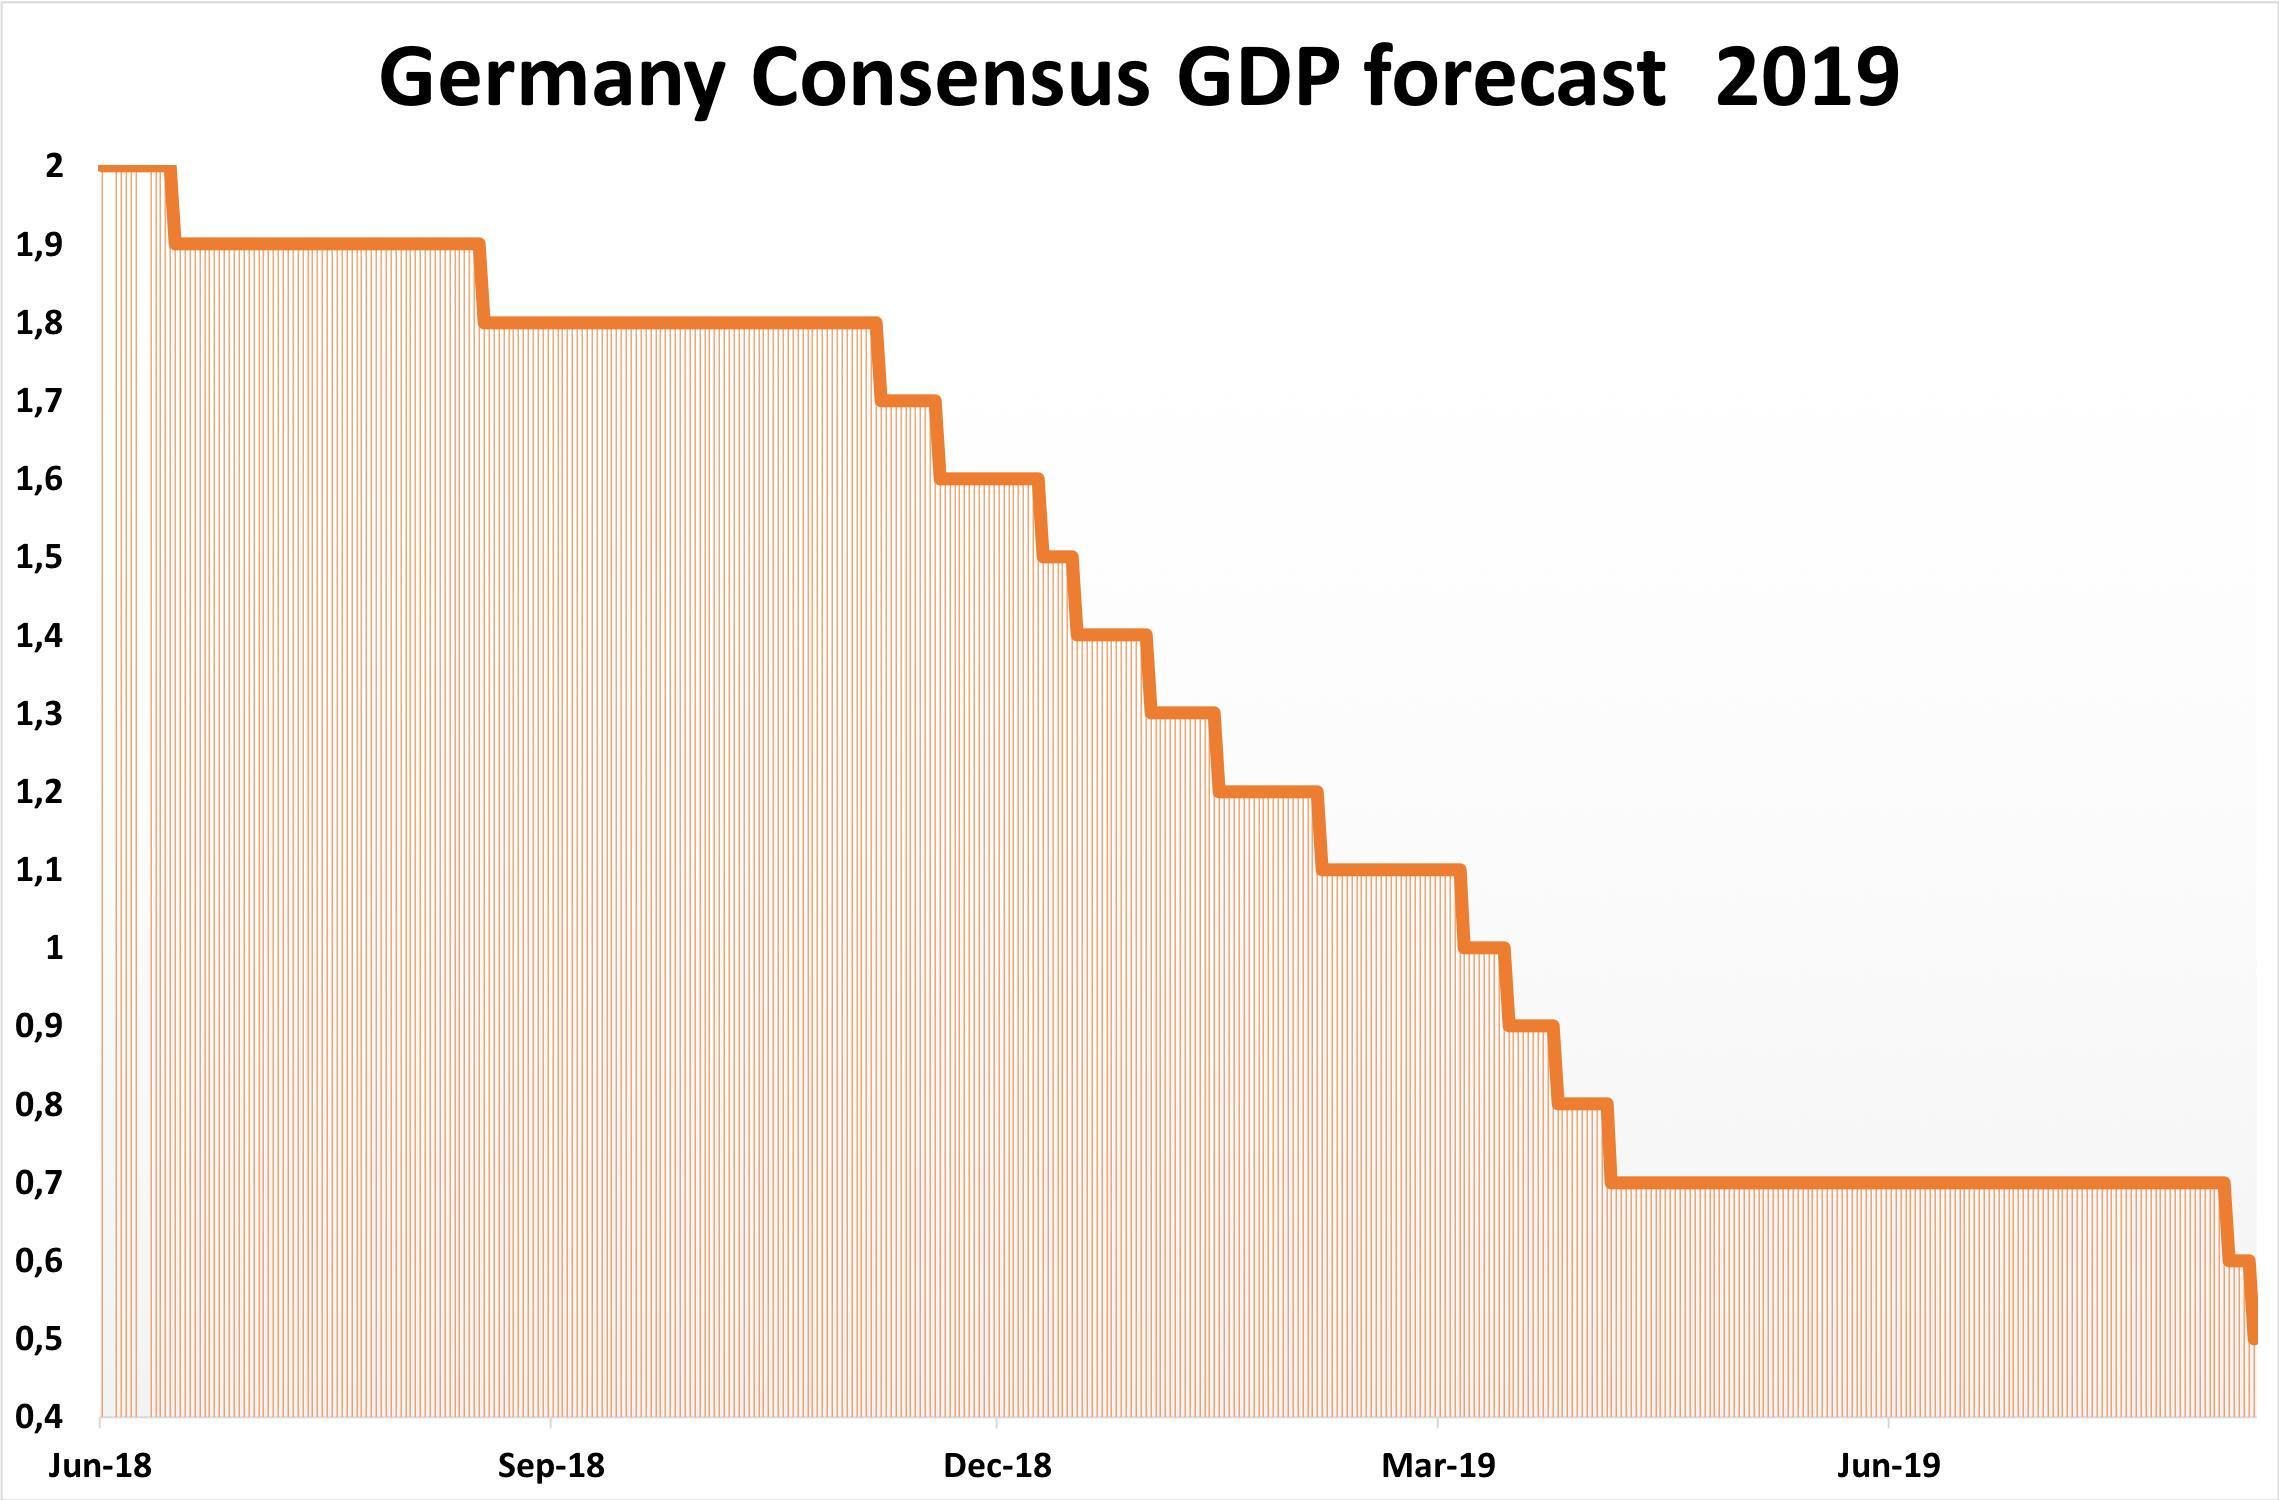 La Deutsche Bank a plus que réduit de moitié sa prévision de croissance du PIB allemand pour 2019, la faisant passer de 0,7% à 0,3%